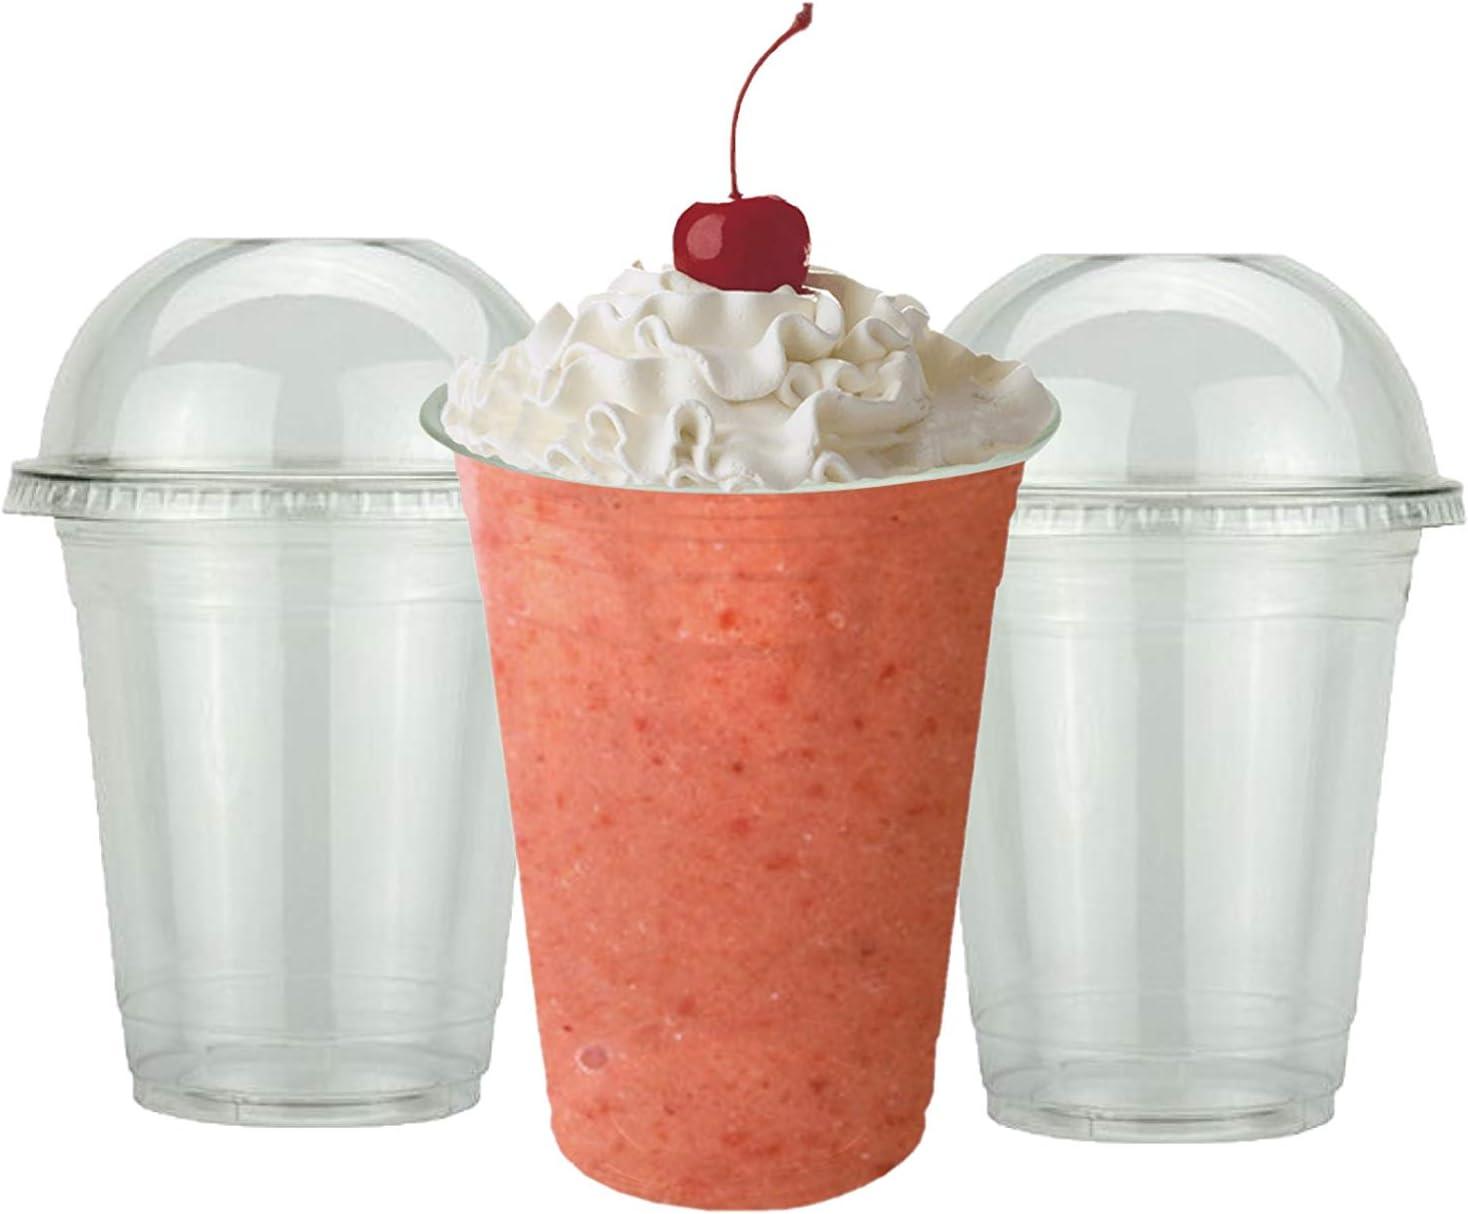 SIGNATURE PACKAGING Tazas de batido de plástico fuerte con tapas de domos - tazas de batido - ideal para batidos, batidos de leche y bebidas gruesas - 50 paquete de 16 oz